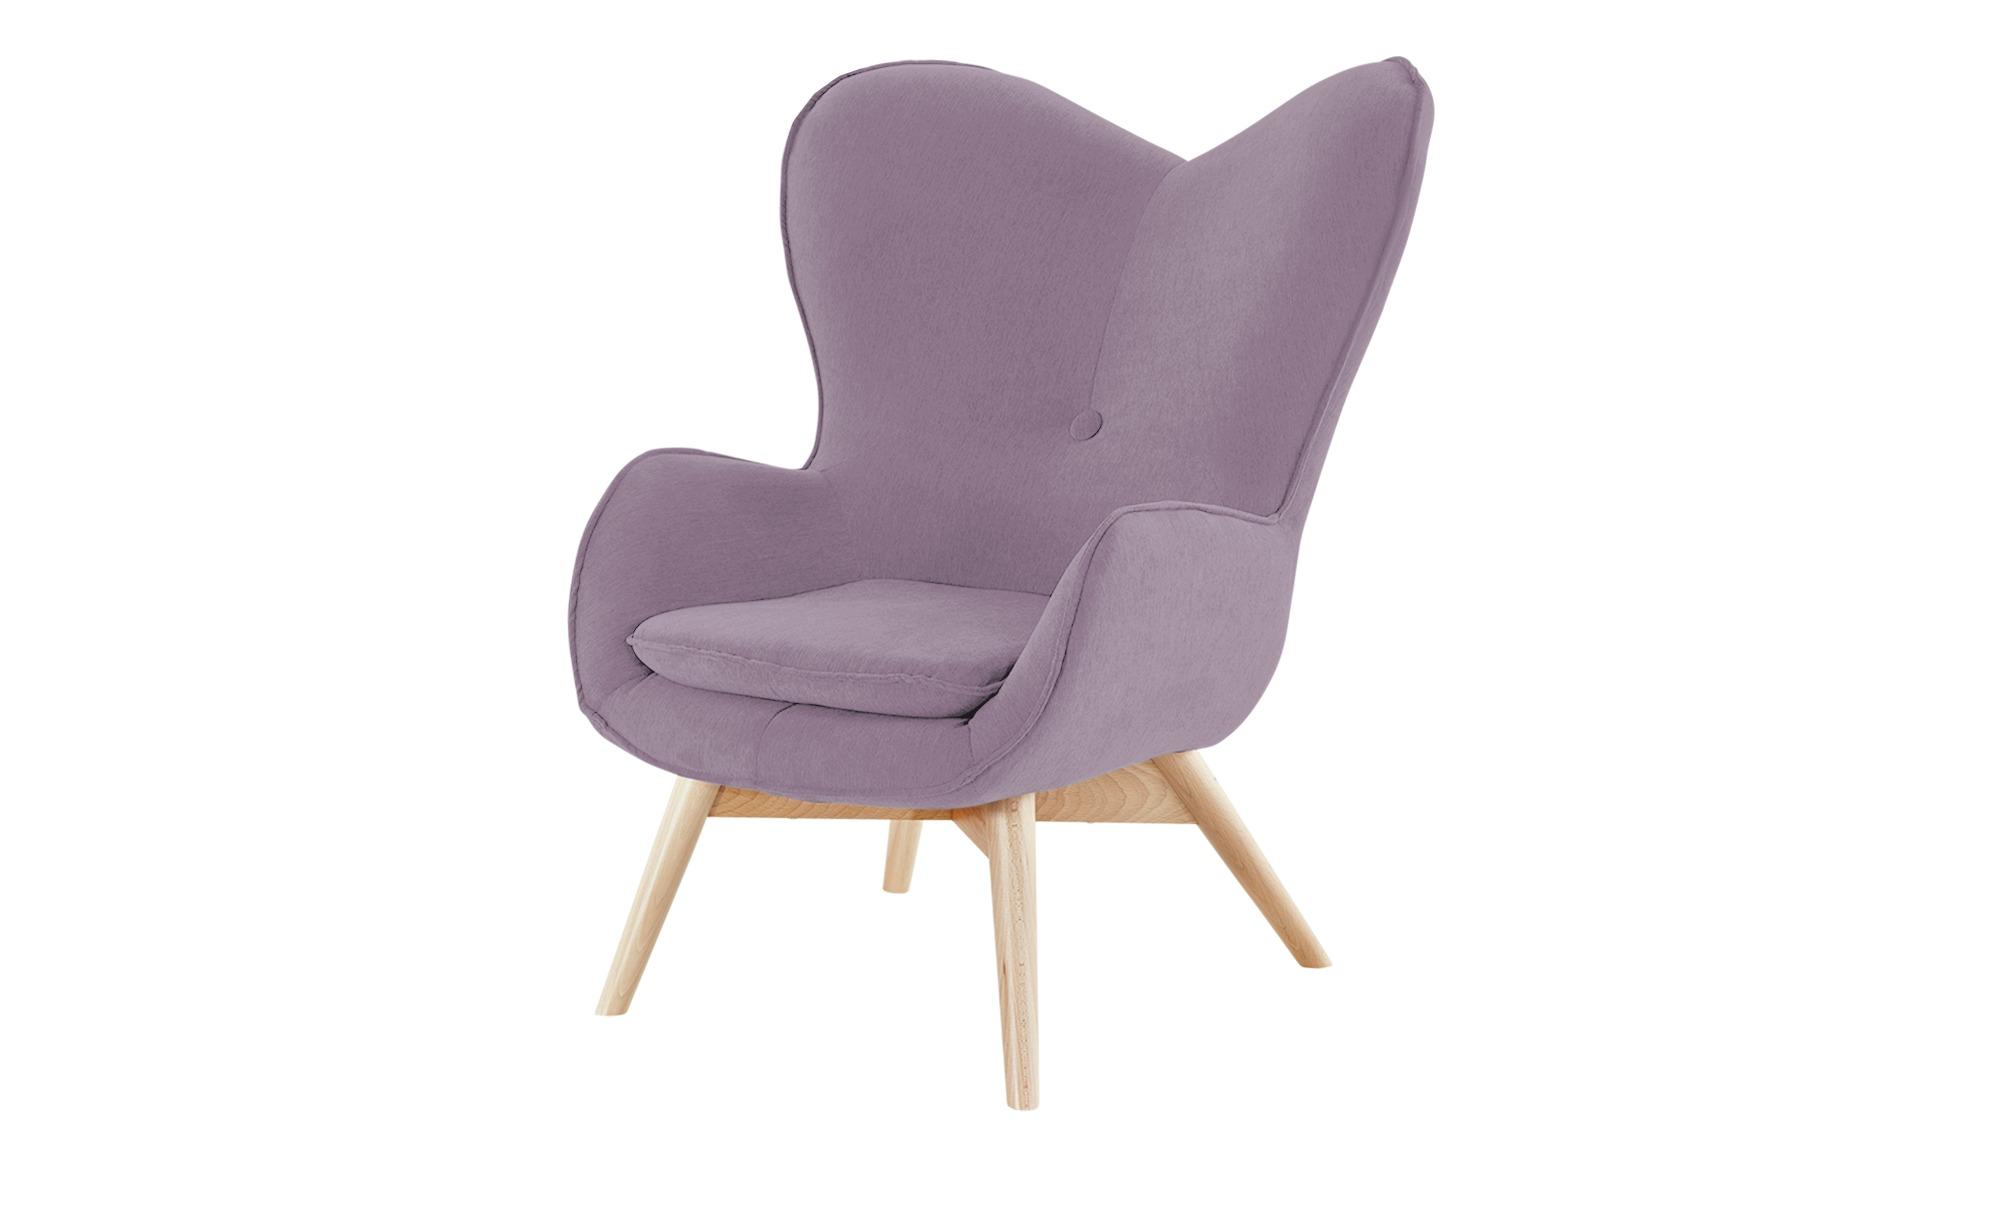 Sessel Maxi Breite 86 cm Höhe 100 cm rosa pink online kaufen bei WOONIO